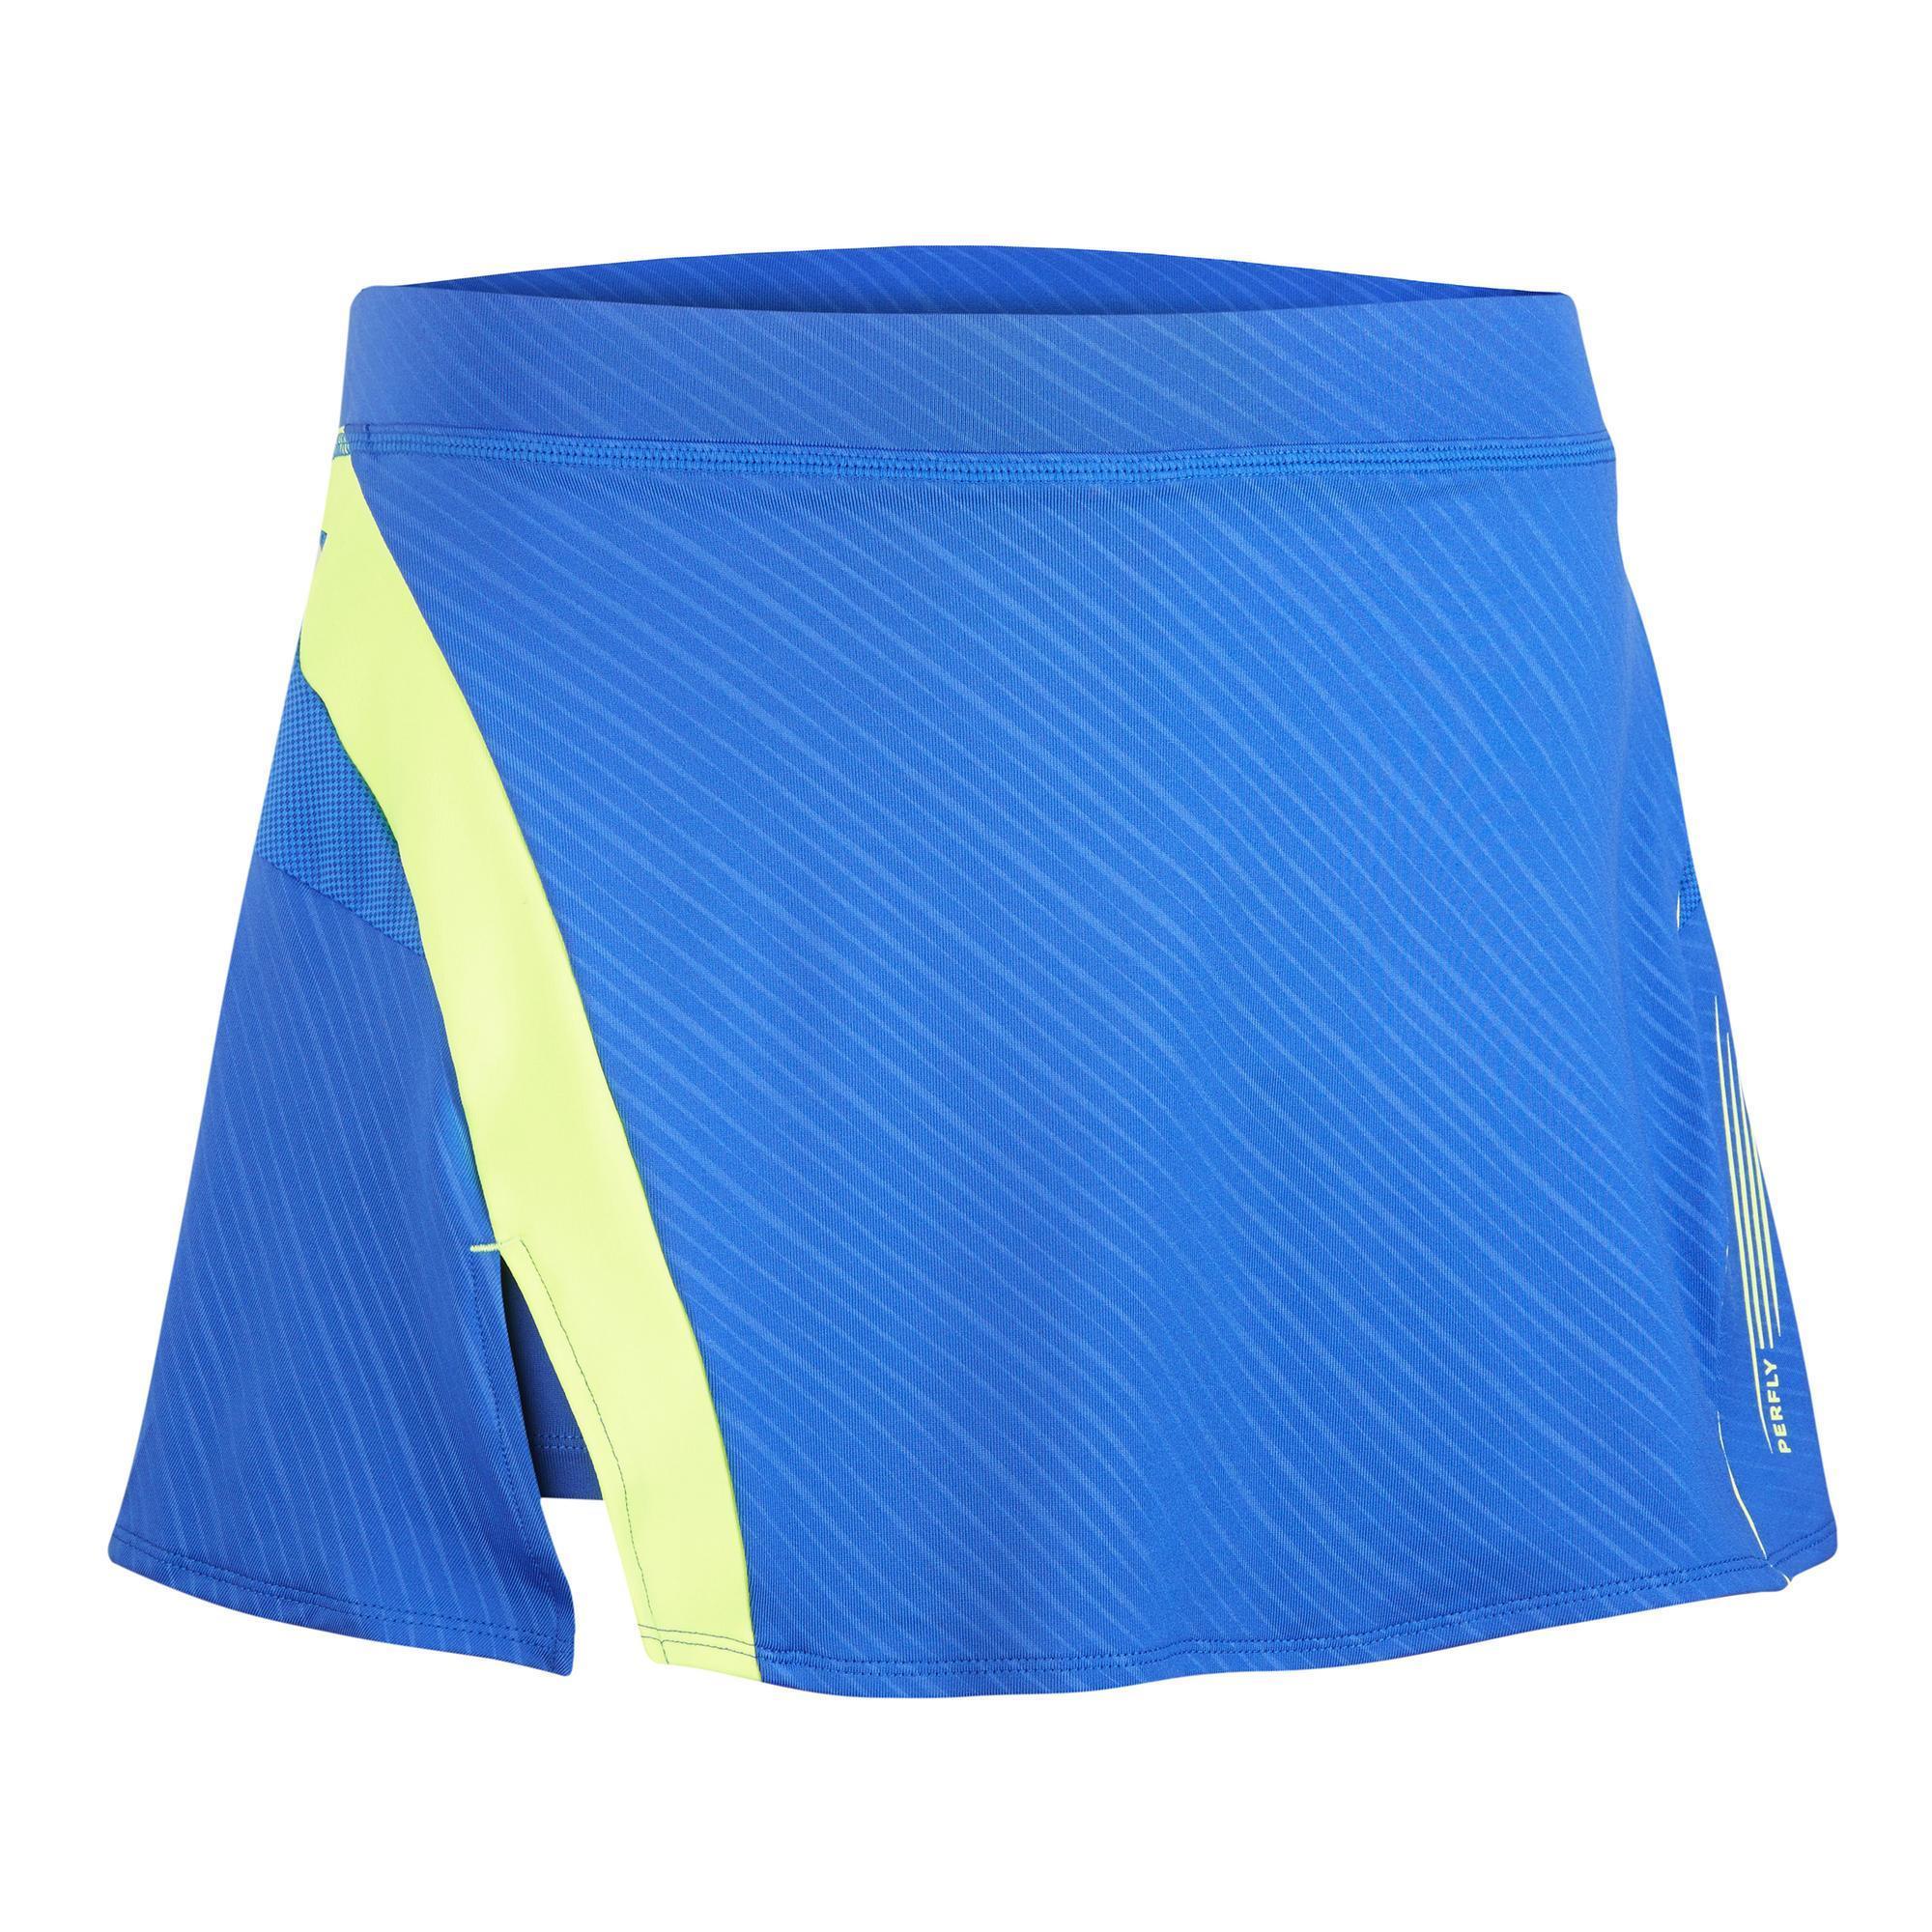 Perfly Rokje 560 dames blauw geel